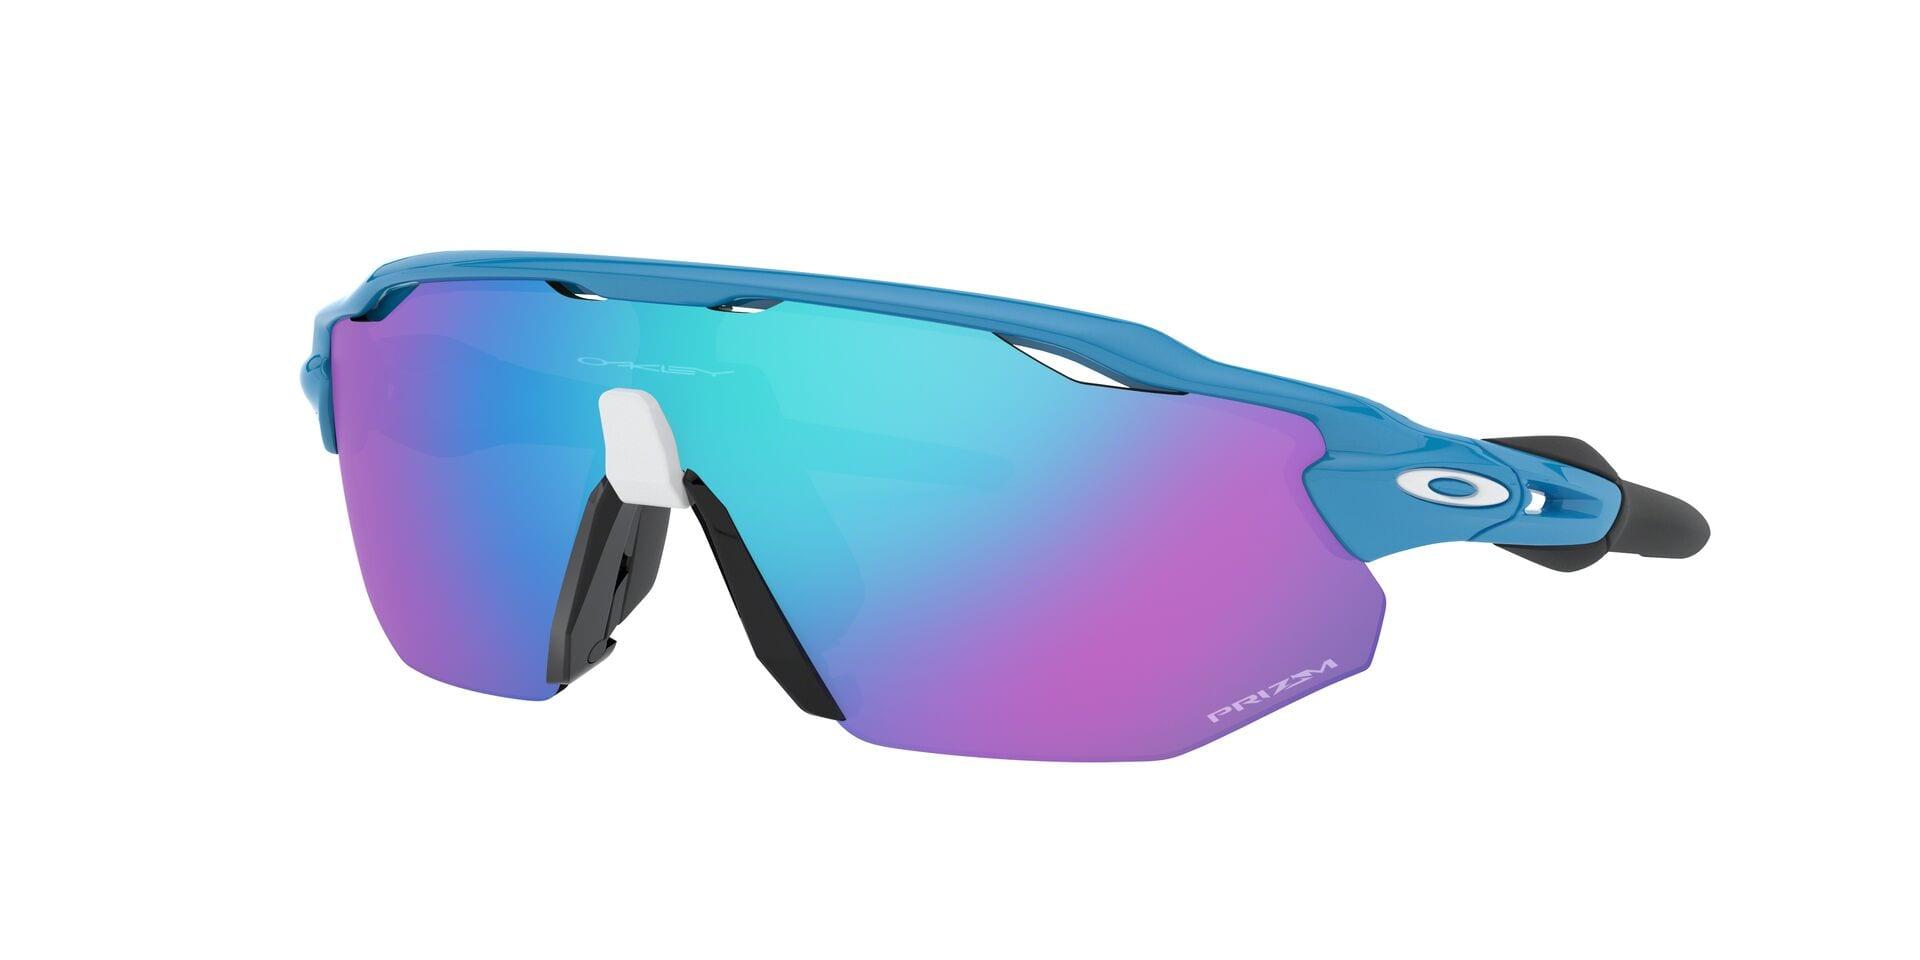 40af67ae7b3f Oakley Radar Advancer Men s Sunglasses. Fly under the radar ...